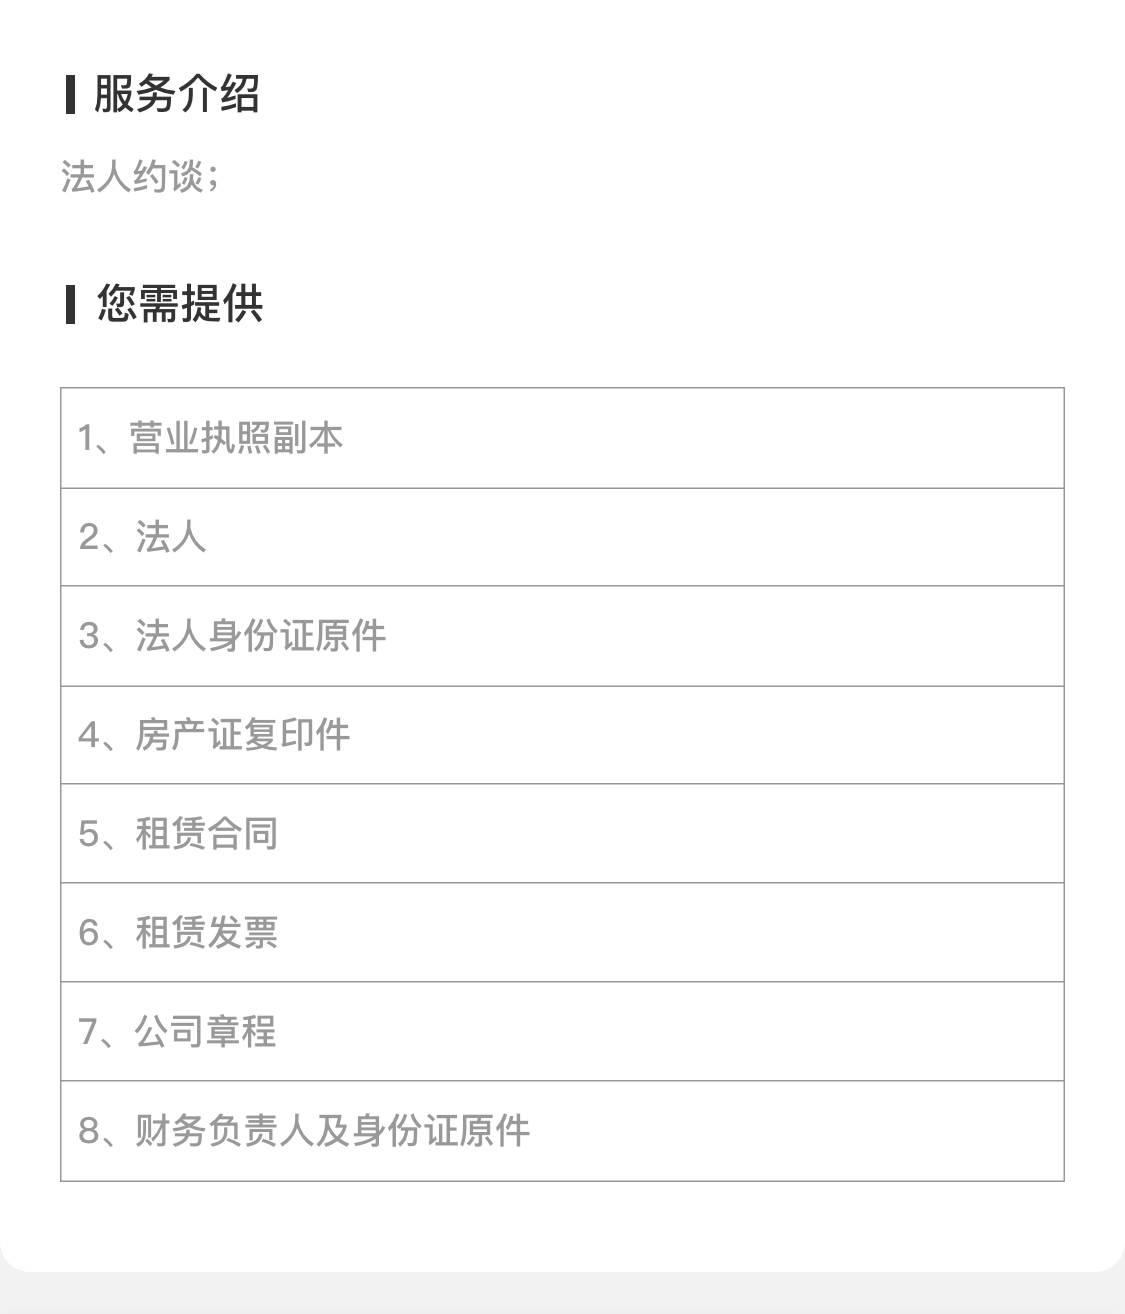 報稅系統解鎖 copy 3.png